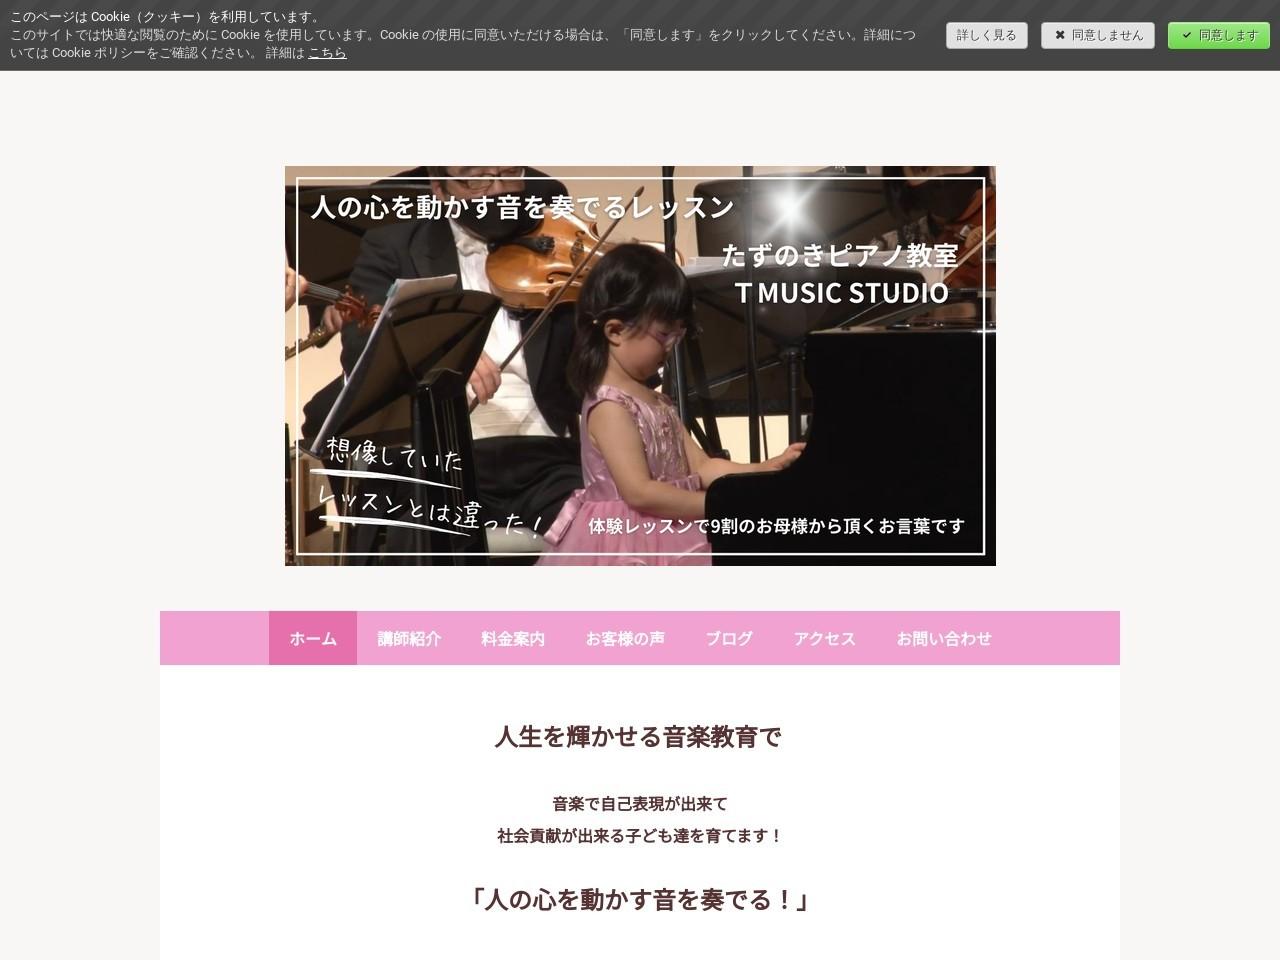 ピアノ教室 T MUSIC STUDIOのサムネイル